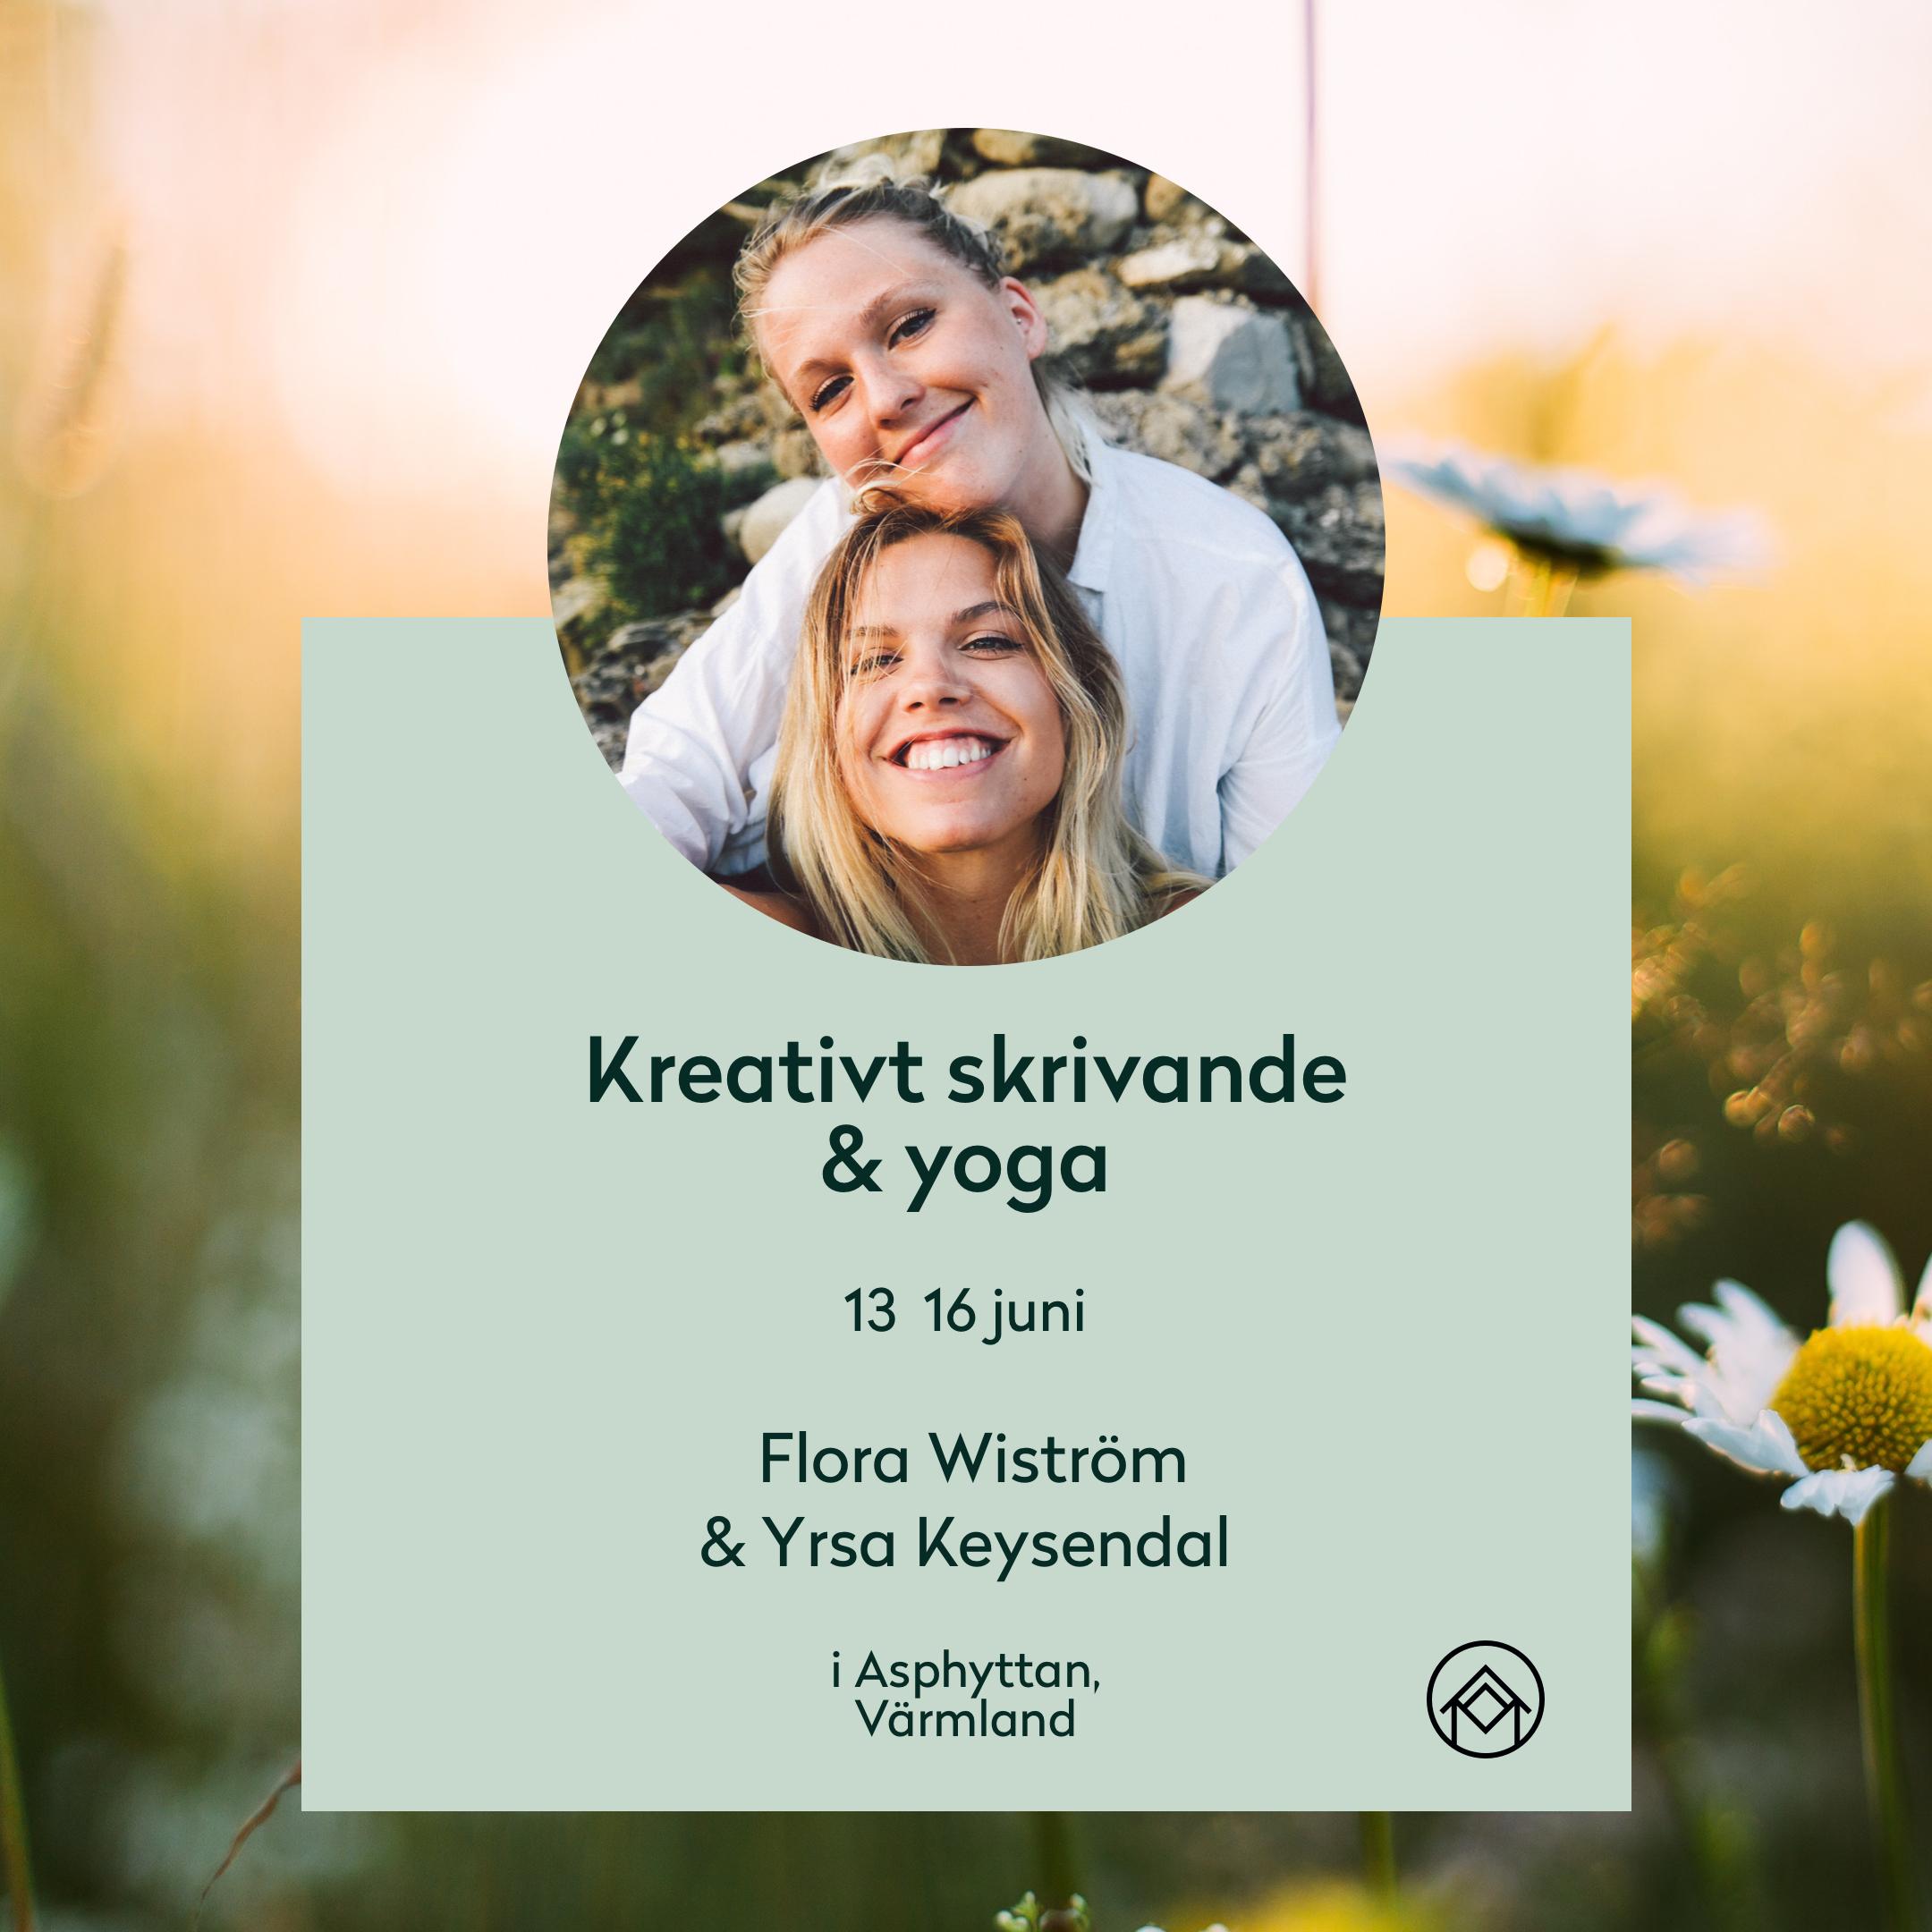 Kreativt skrivande i juni - I juni kör vi vårt 4e kreativa retreat med författarduon Flora Wiström och Yrsa Keysendal. Det kommer pratas gestaltning, dialog och dramaturgi och ge en mängd olika skrivövningar. Det kommer även pratas om hur man kan leva ett skrivande liv – vare sig det är att bli utgiven författare eller skriva för att komma ikapp sig själv. Och för att neutralisera huvudet kommer vi dyka in i våra kroppar med yogan och meditationen som verktyg.